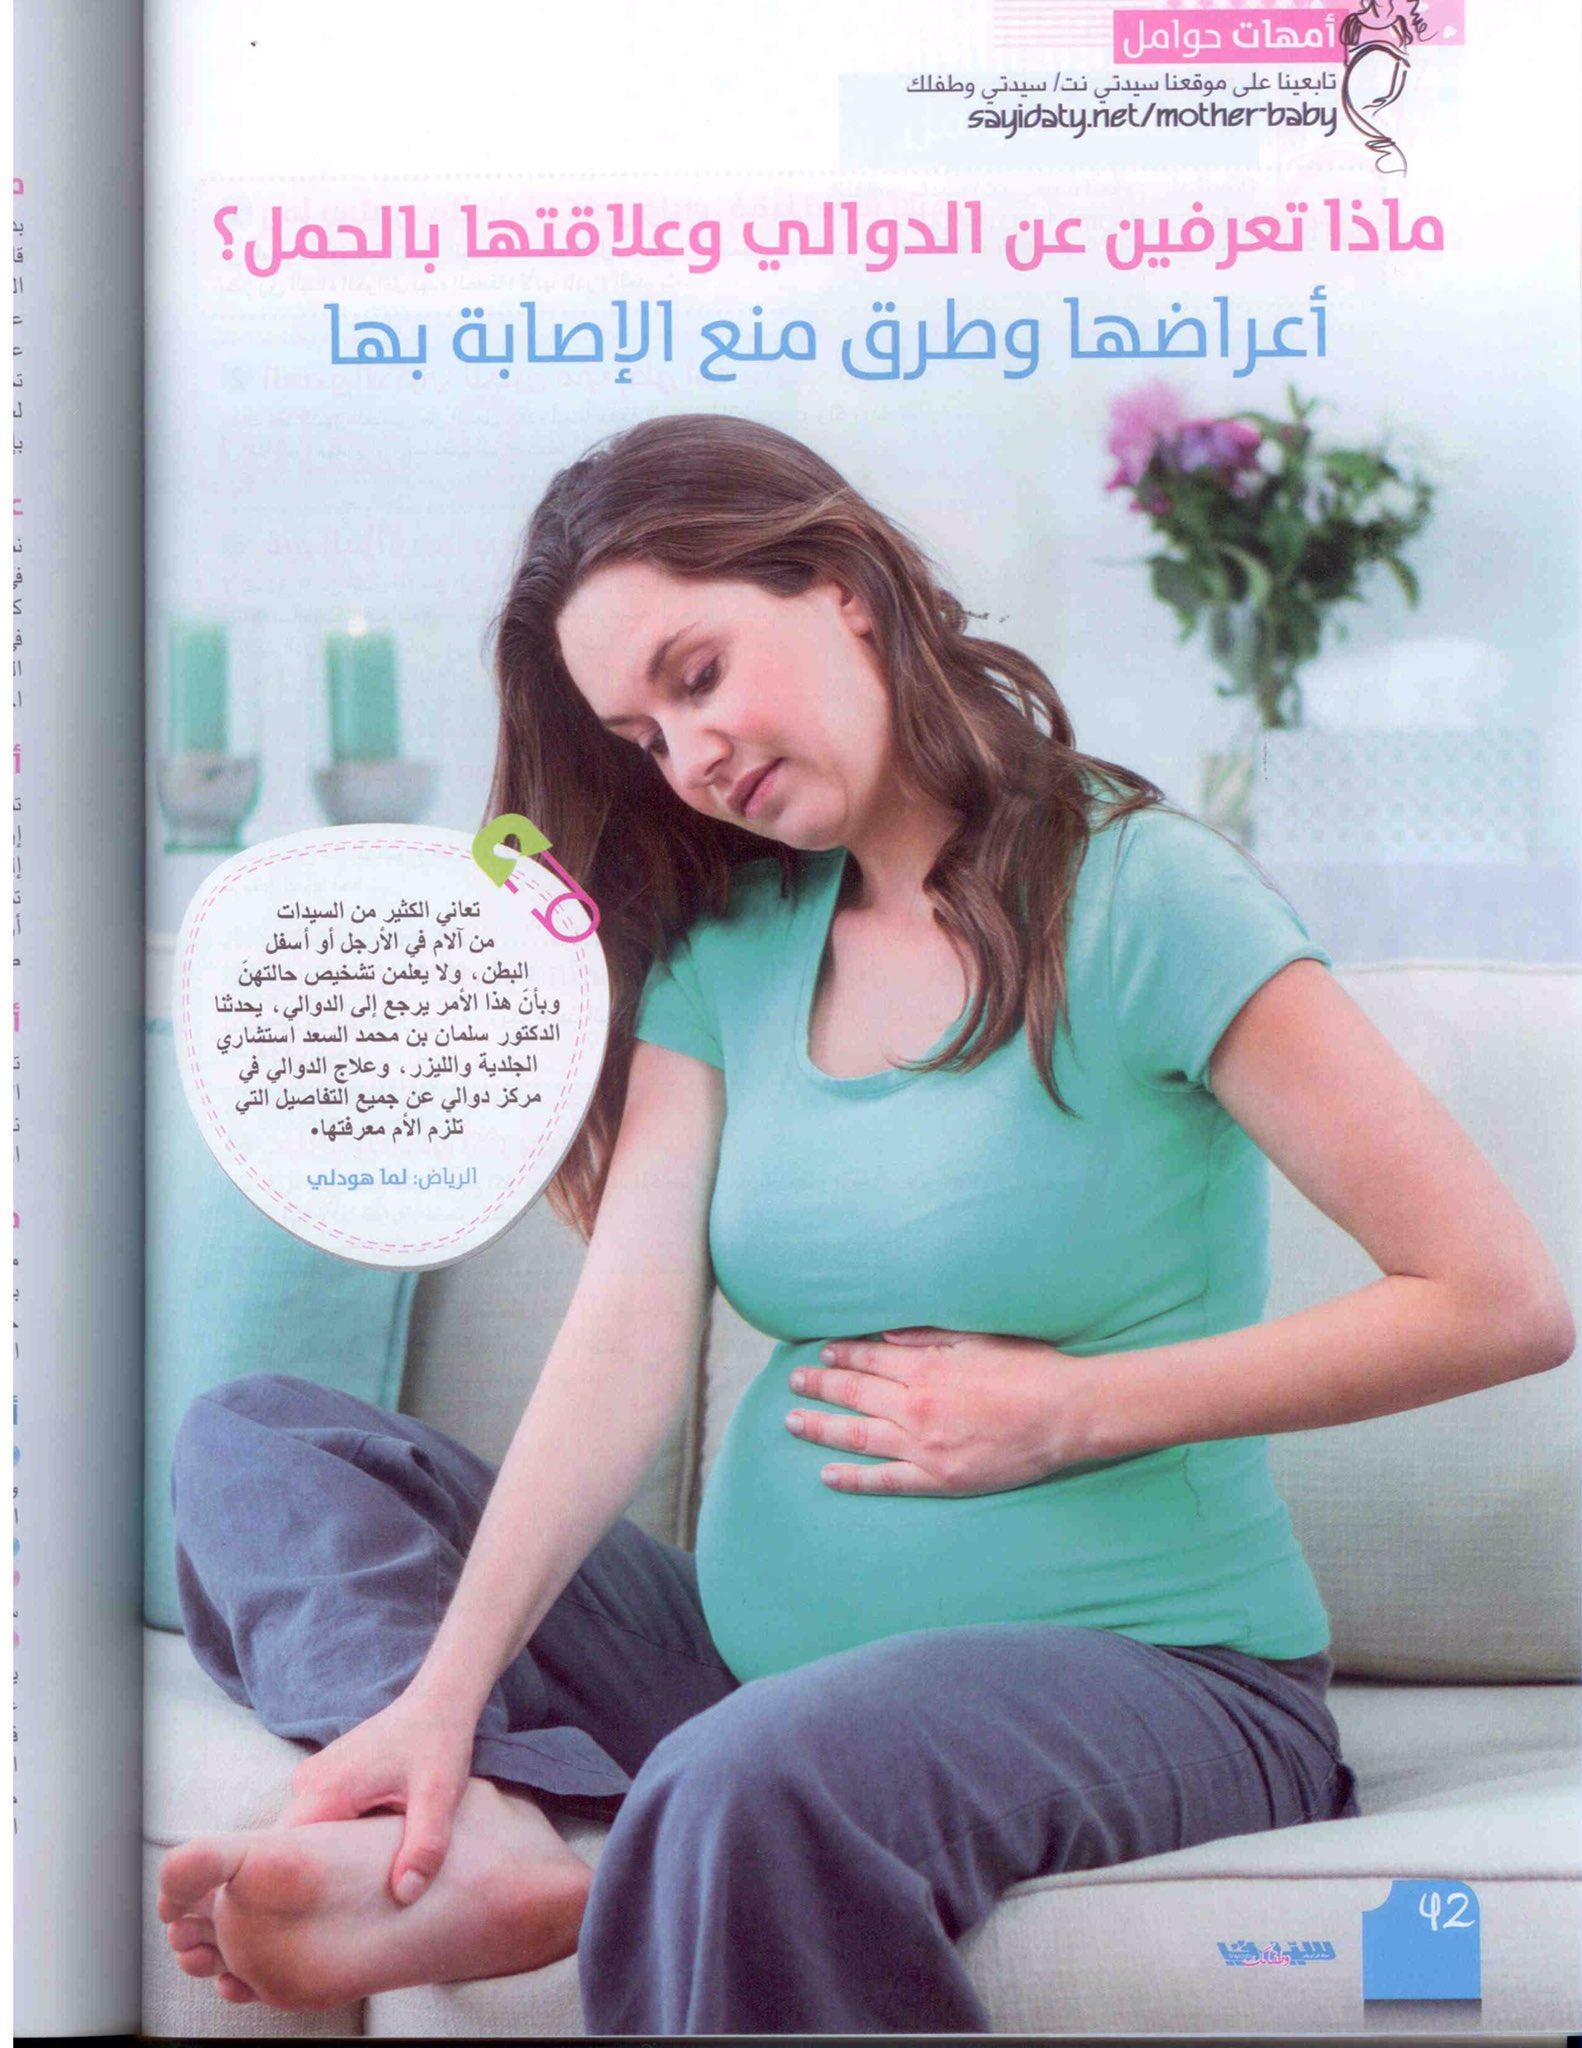 مرض الدوالي والحمل....أسئلة عدة وإجاباتها في مجلة سيدتي. @sayidatynet @Dawaliclinic1 https://t.co/Jlh2NEgztH